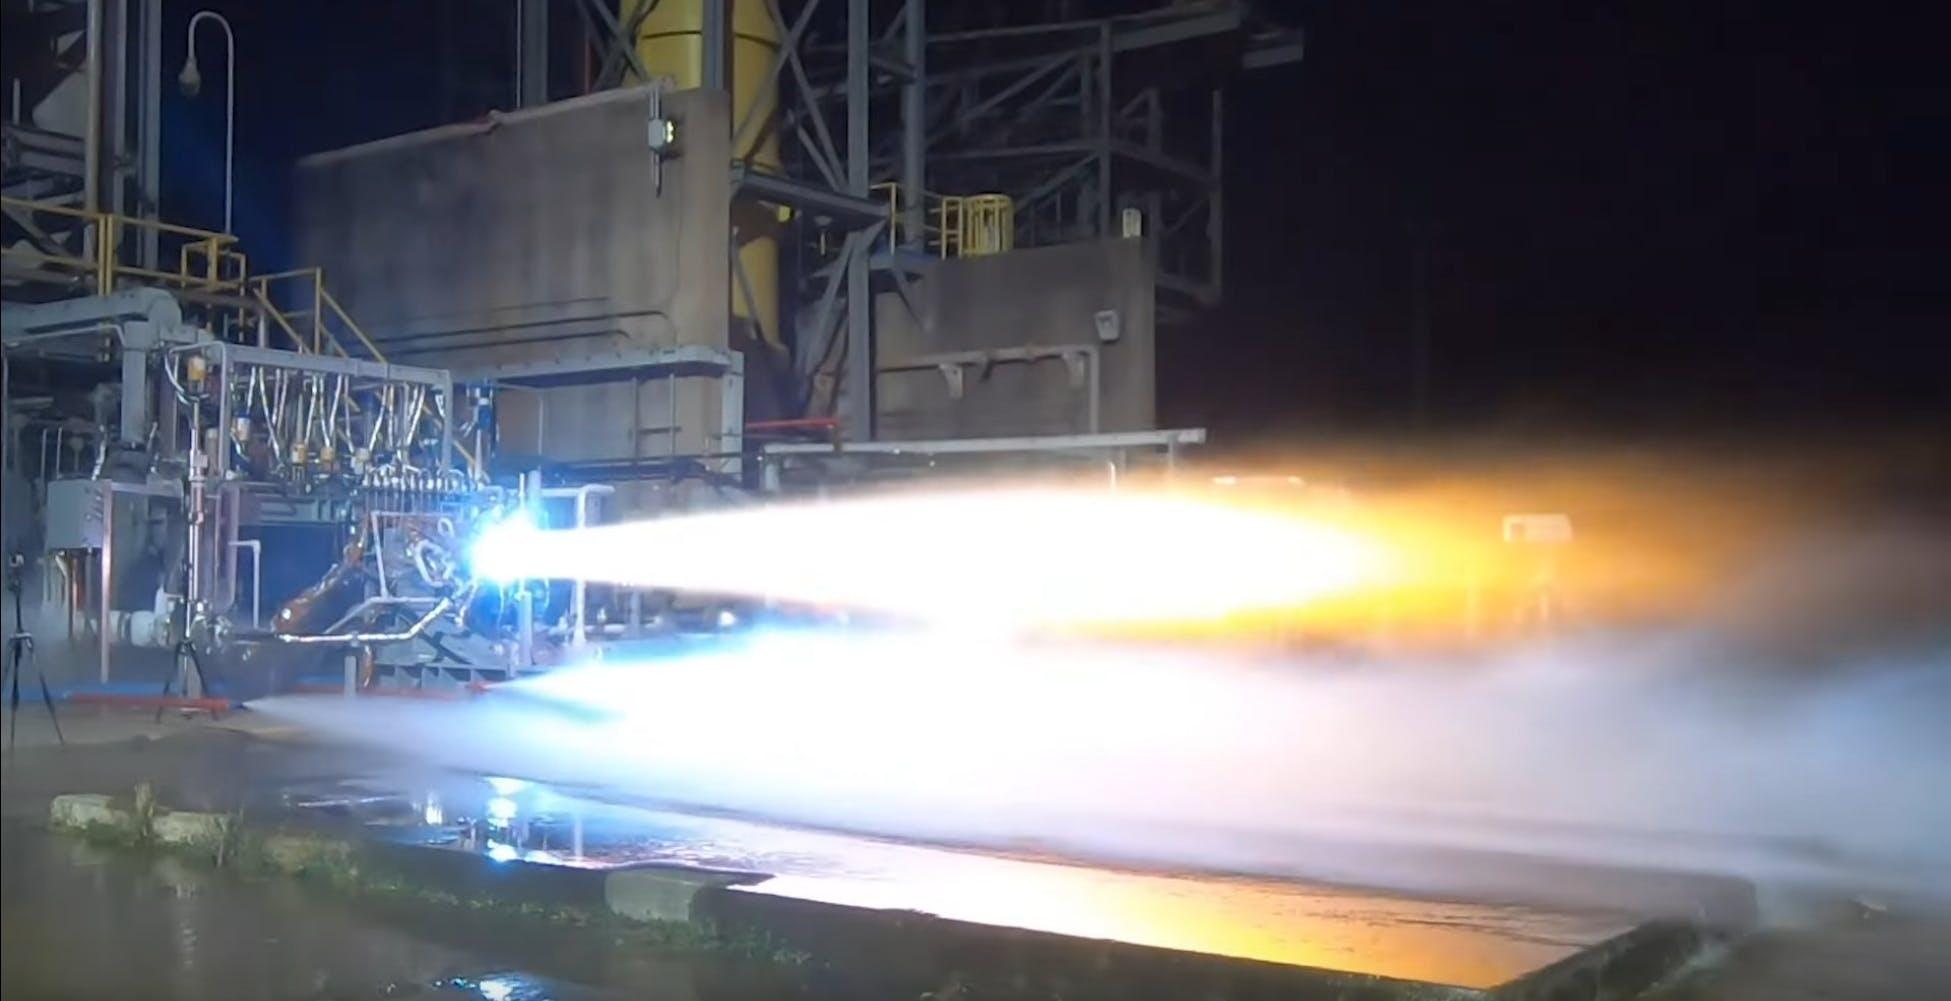 Test superato per il motore destinato al lander lunare di Jeff Bezos